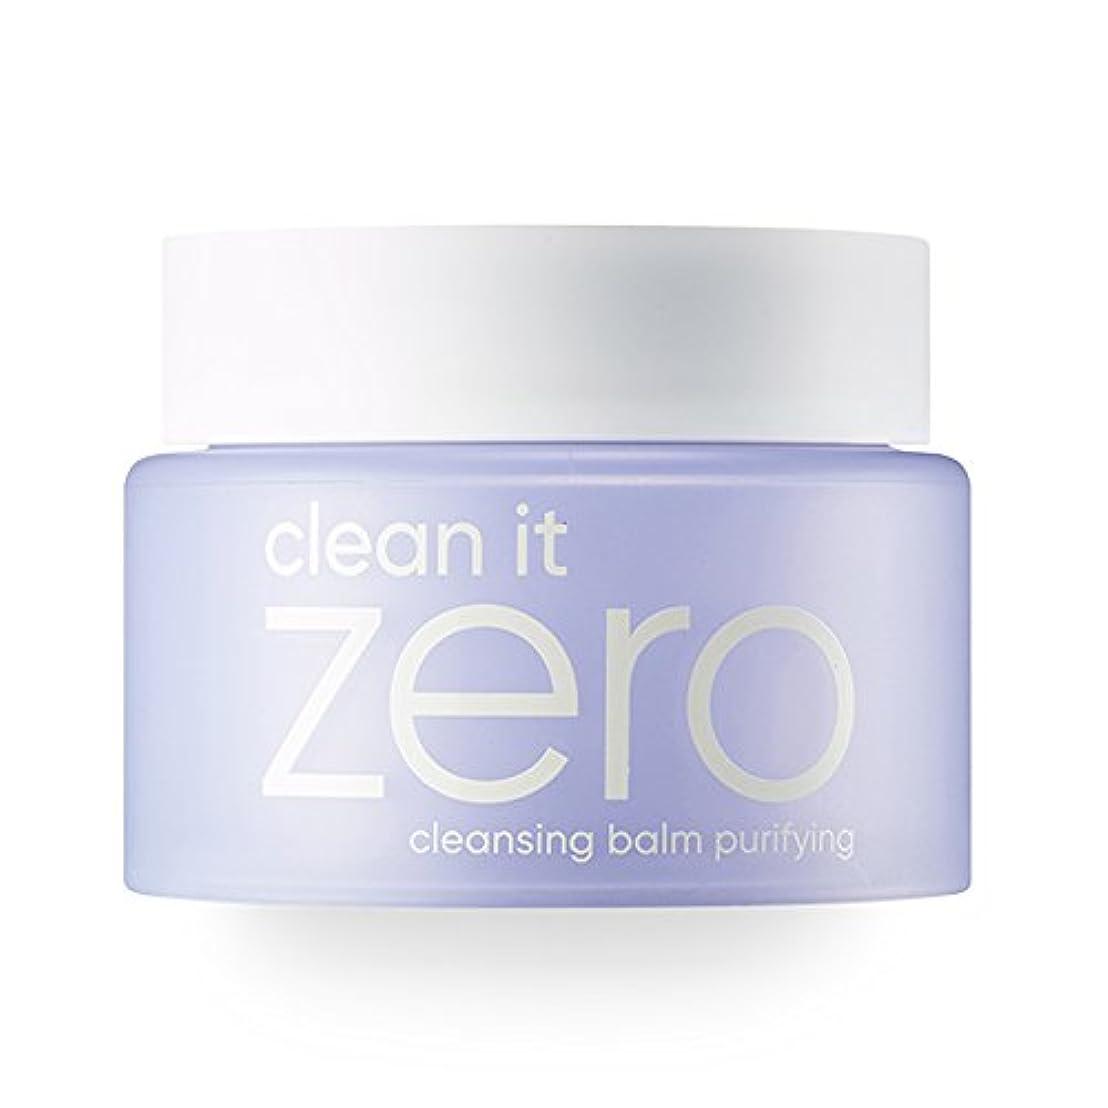 宇宙のショート噂BANILA CO(バニラコ) クリーン イット ゼロ クレンジング バーム ピュリファイング Clean It Zero Purifying